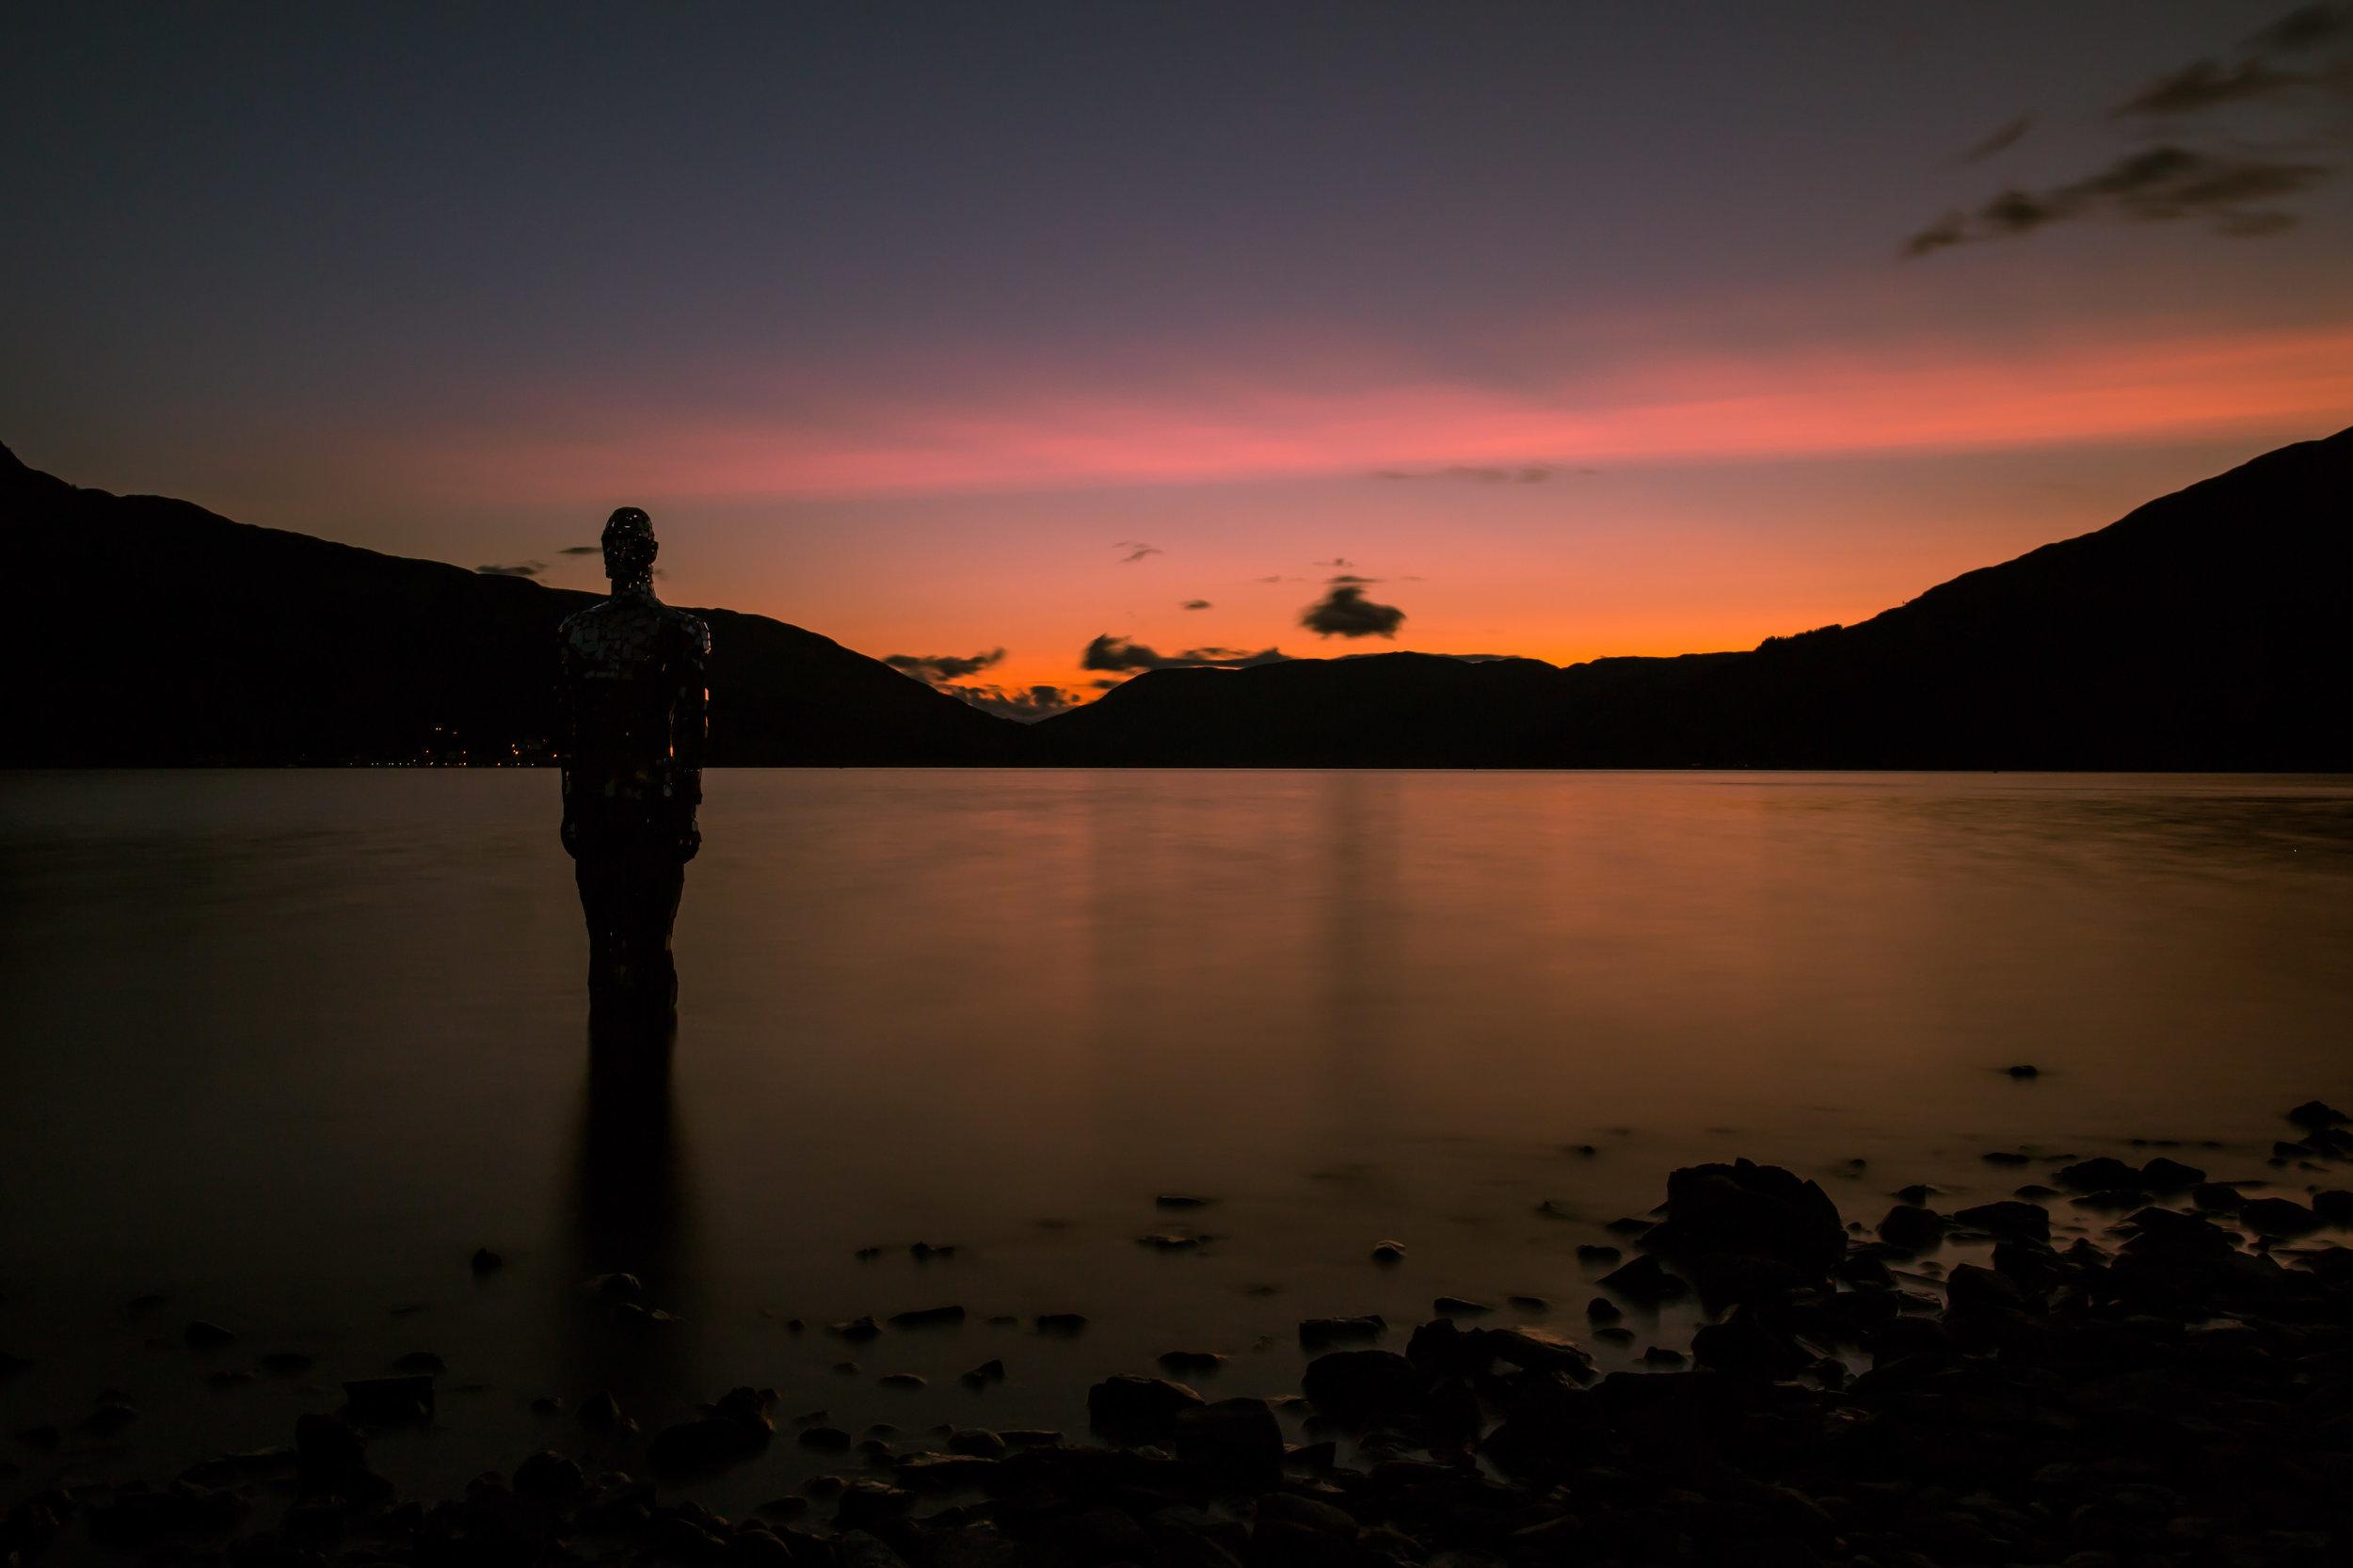 Dusk at Still, Loch Earn